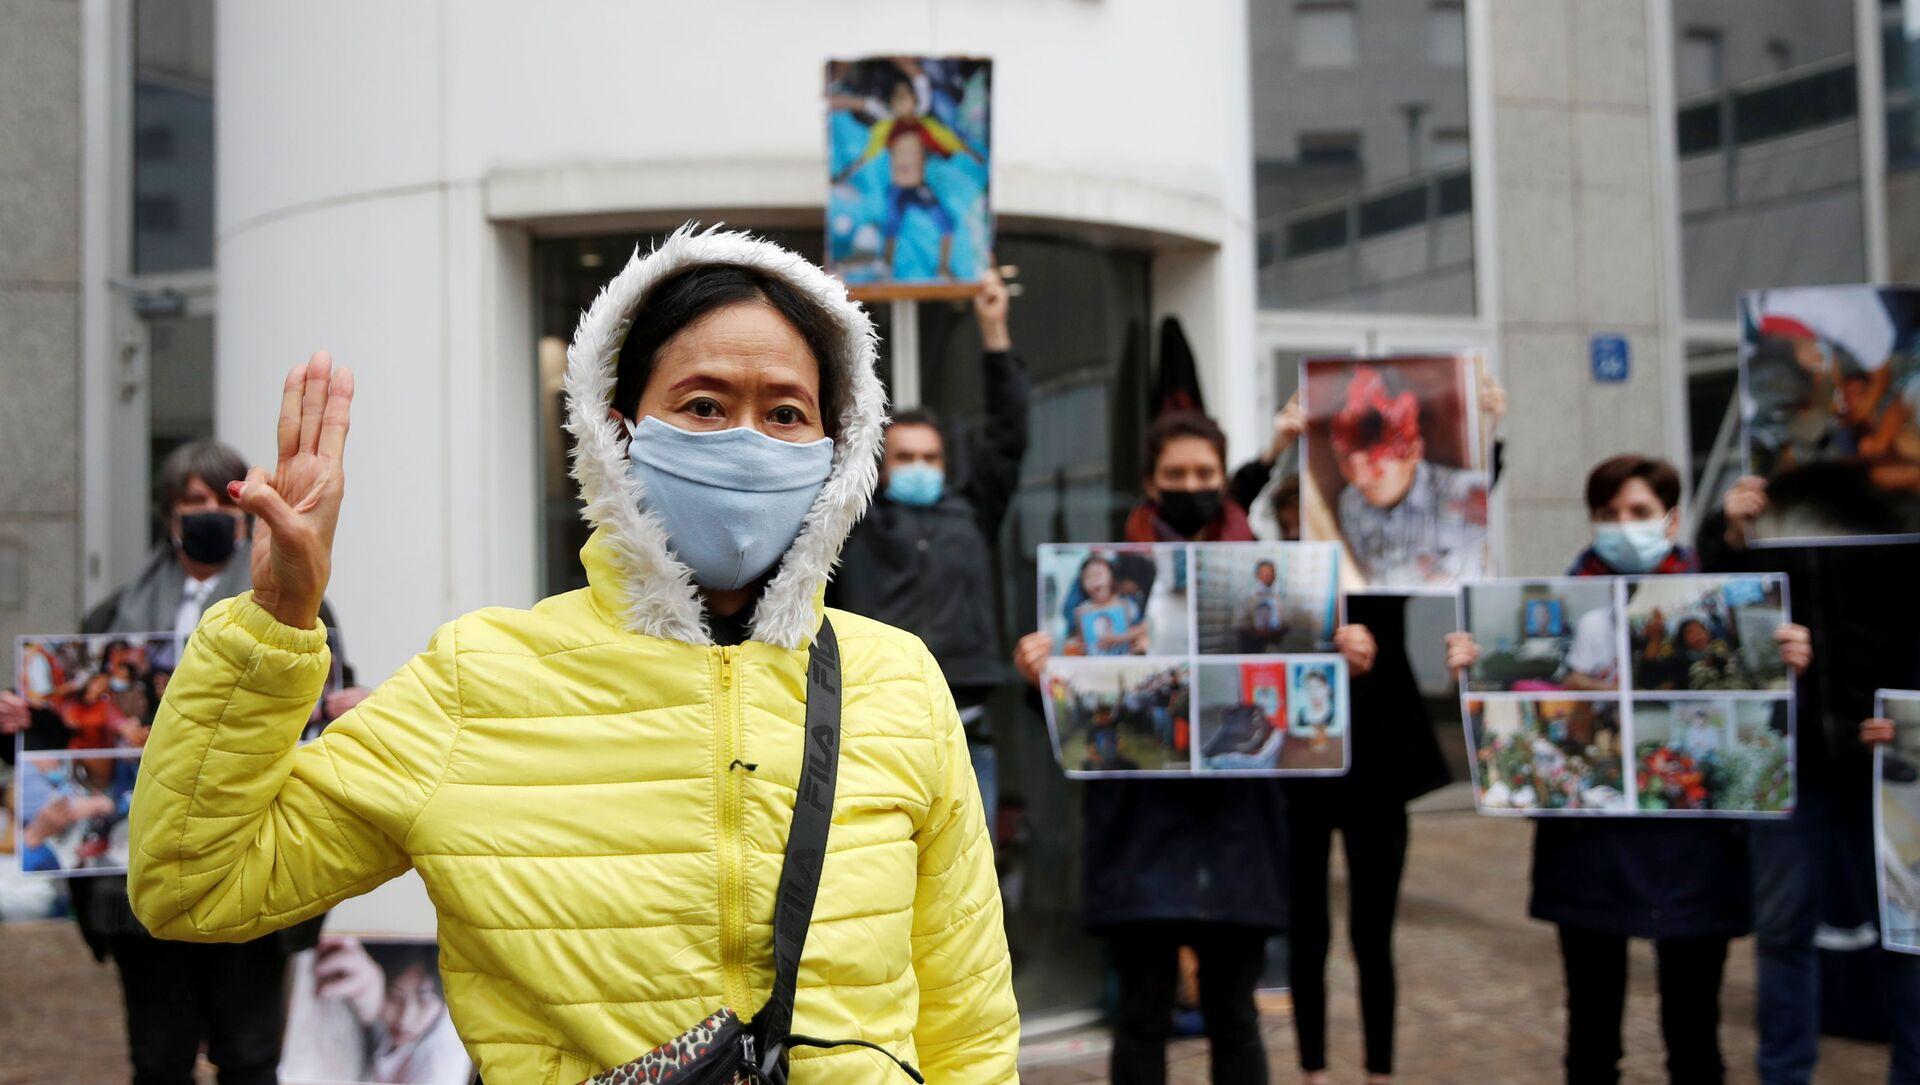 Các nhà hoạt động nhân quyền từ Myanmar biểu tình trước trụ sở của tập đoàn Total ở Paris. - Sputnik Việt Nam, 1920, 04.04.2021